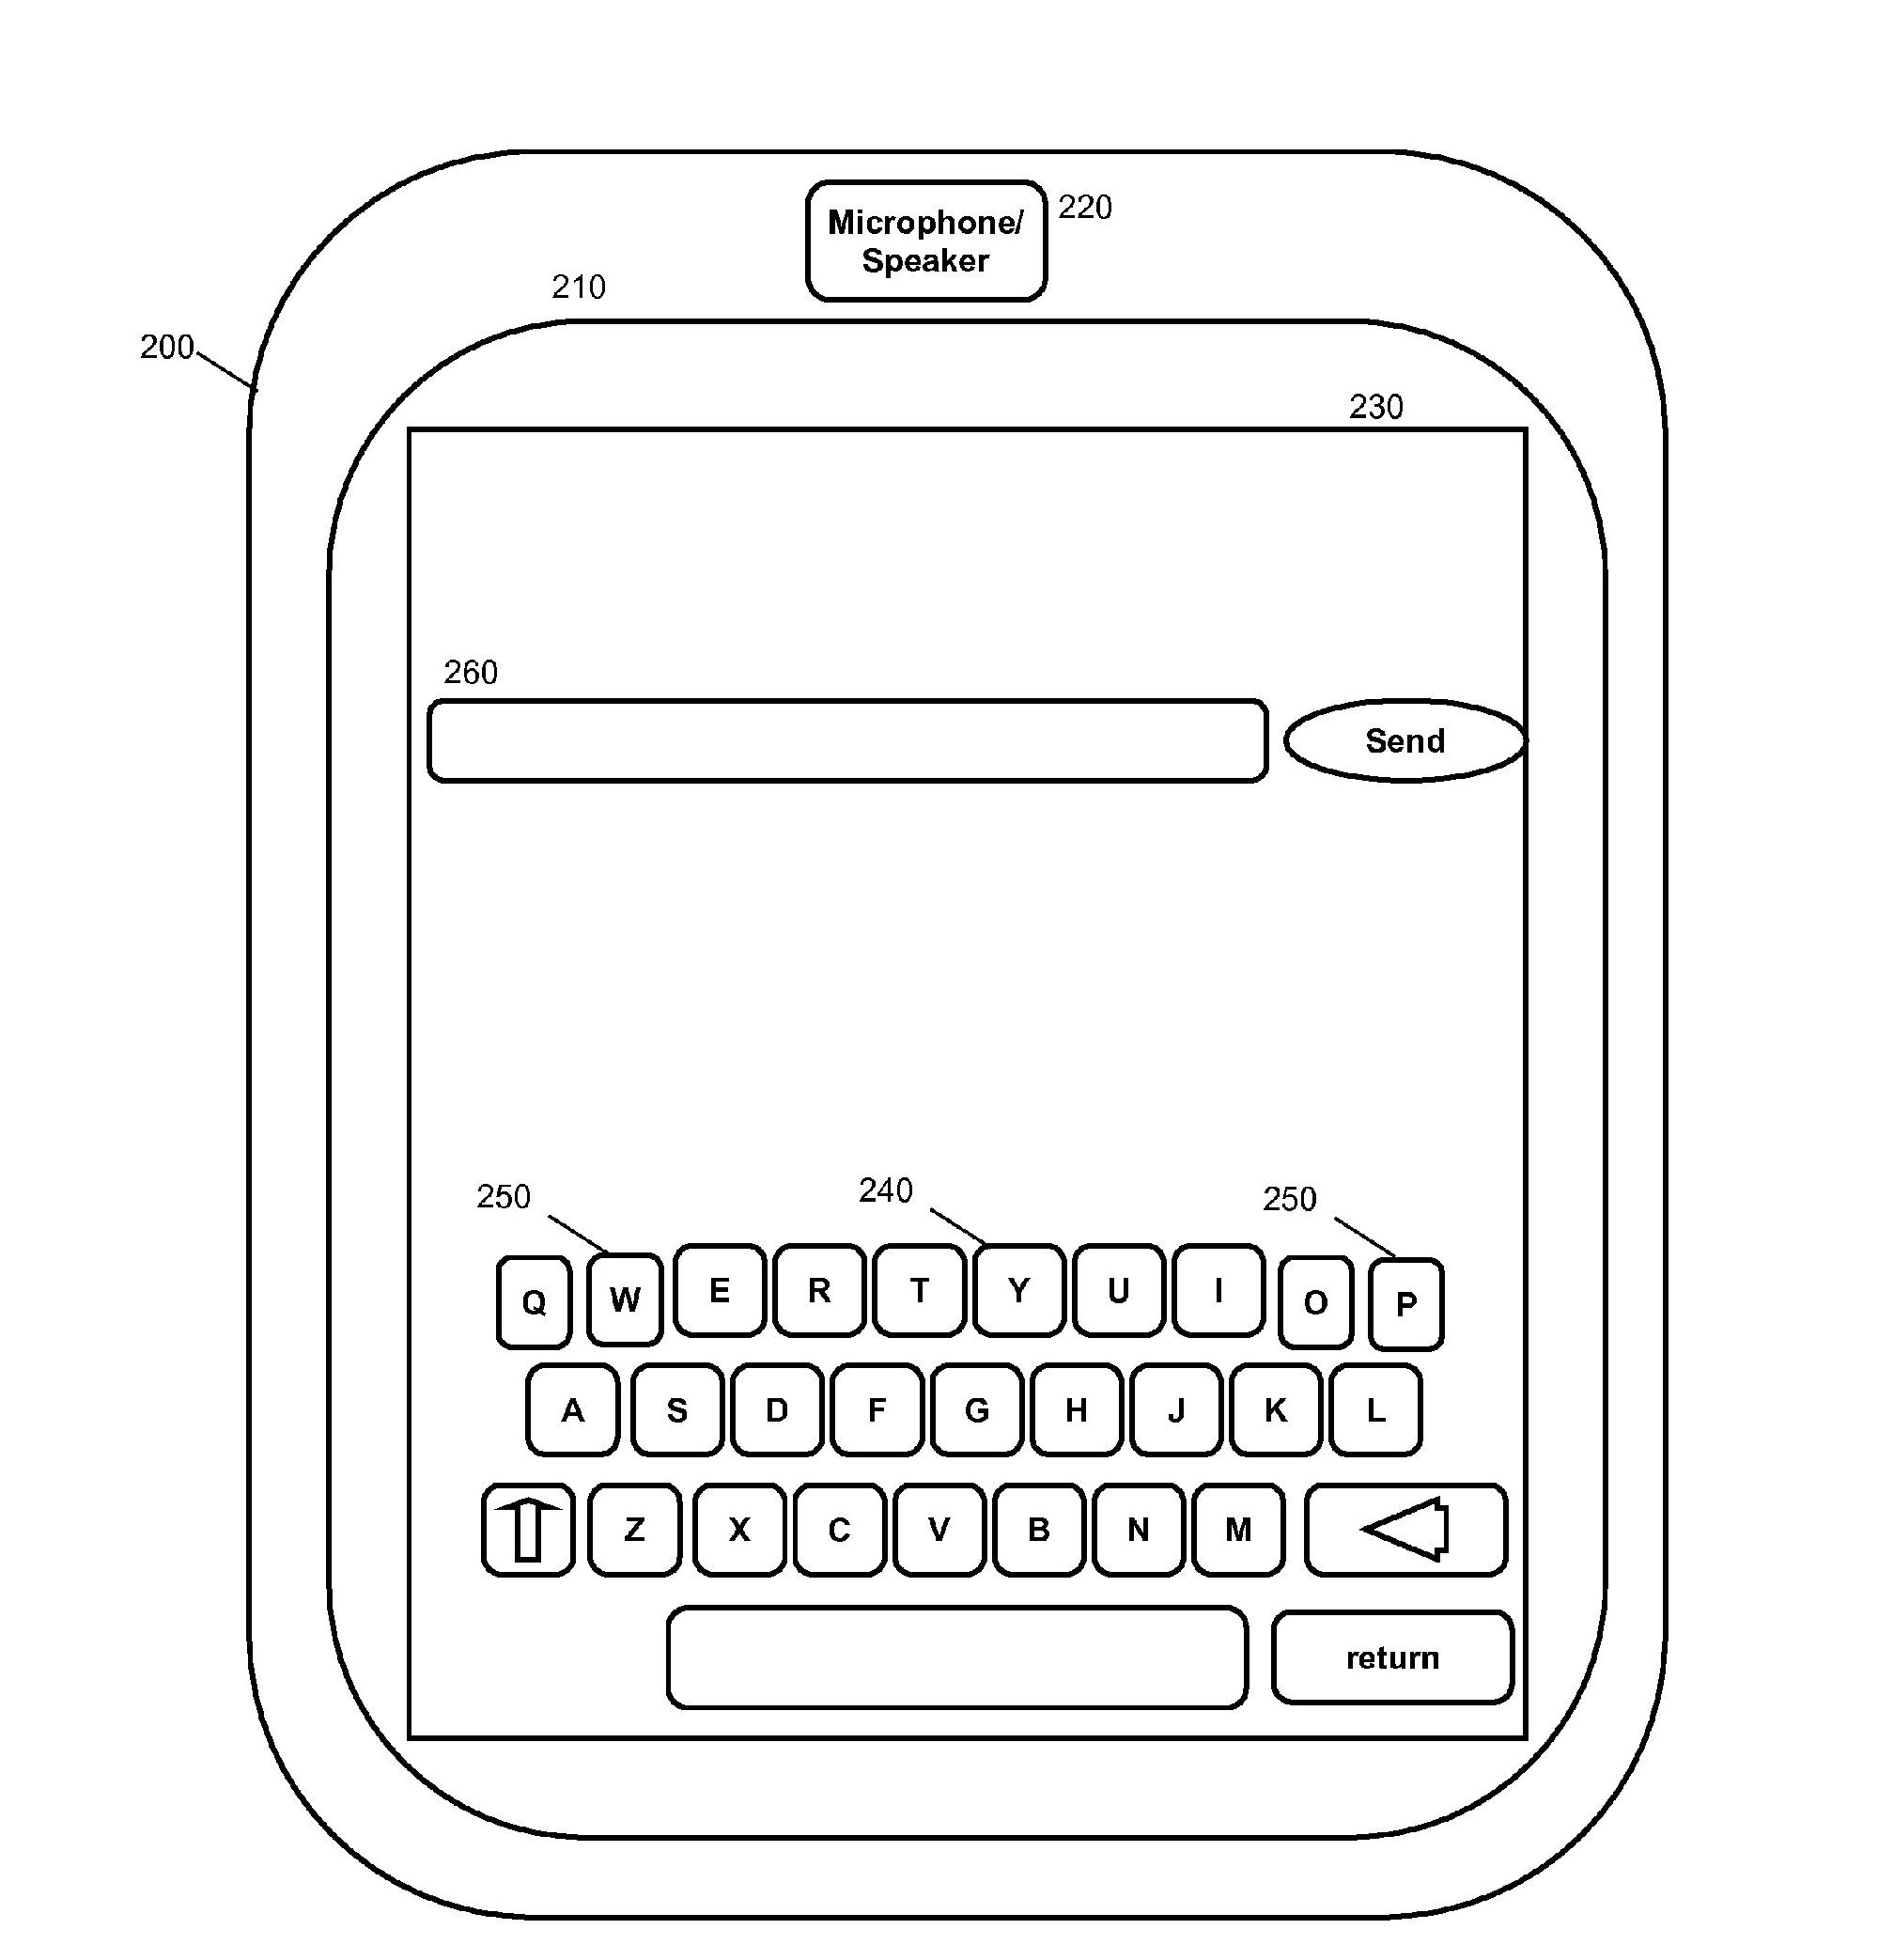 Morphing: Bildschirmtastatur passt sich den Fingern an - IBM Patentantrag 20110157090 mit individuell generiertem Tastenlayout (Bild: US-Marken- und Patentamt / IBM)